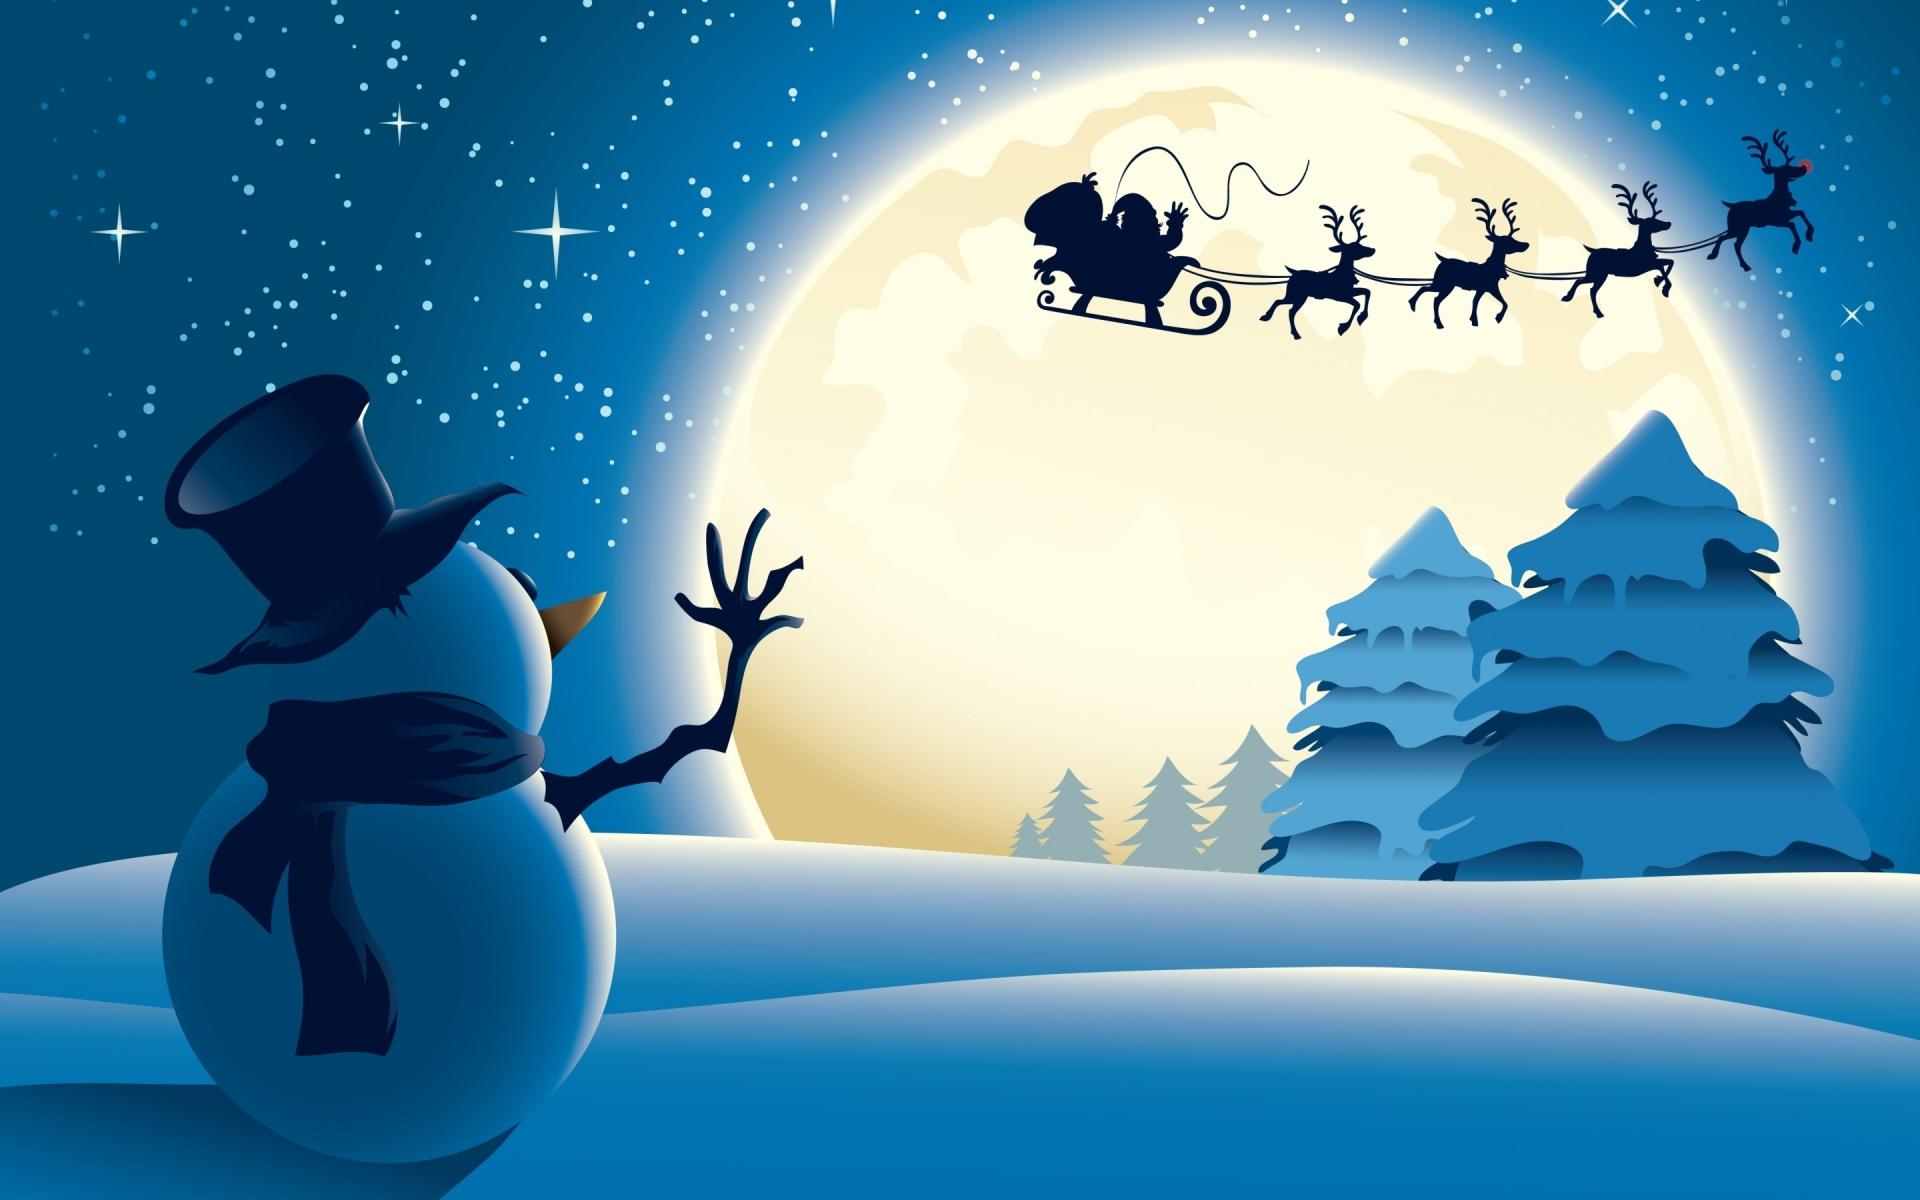 download wallpaper: Sneeuwpop zwaait de Kerstman uit wallpaper